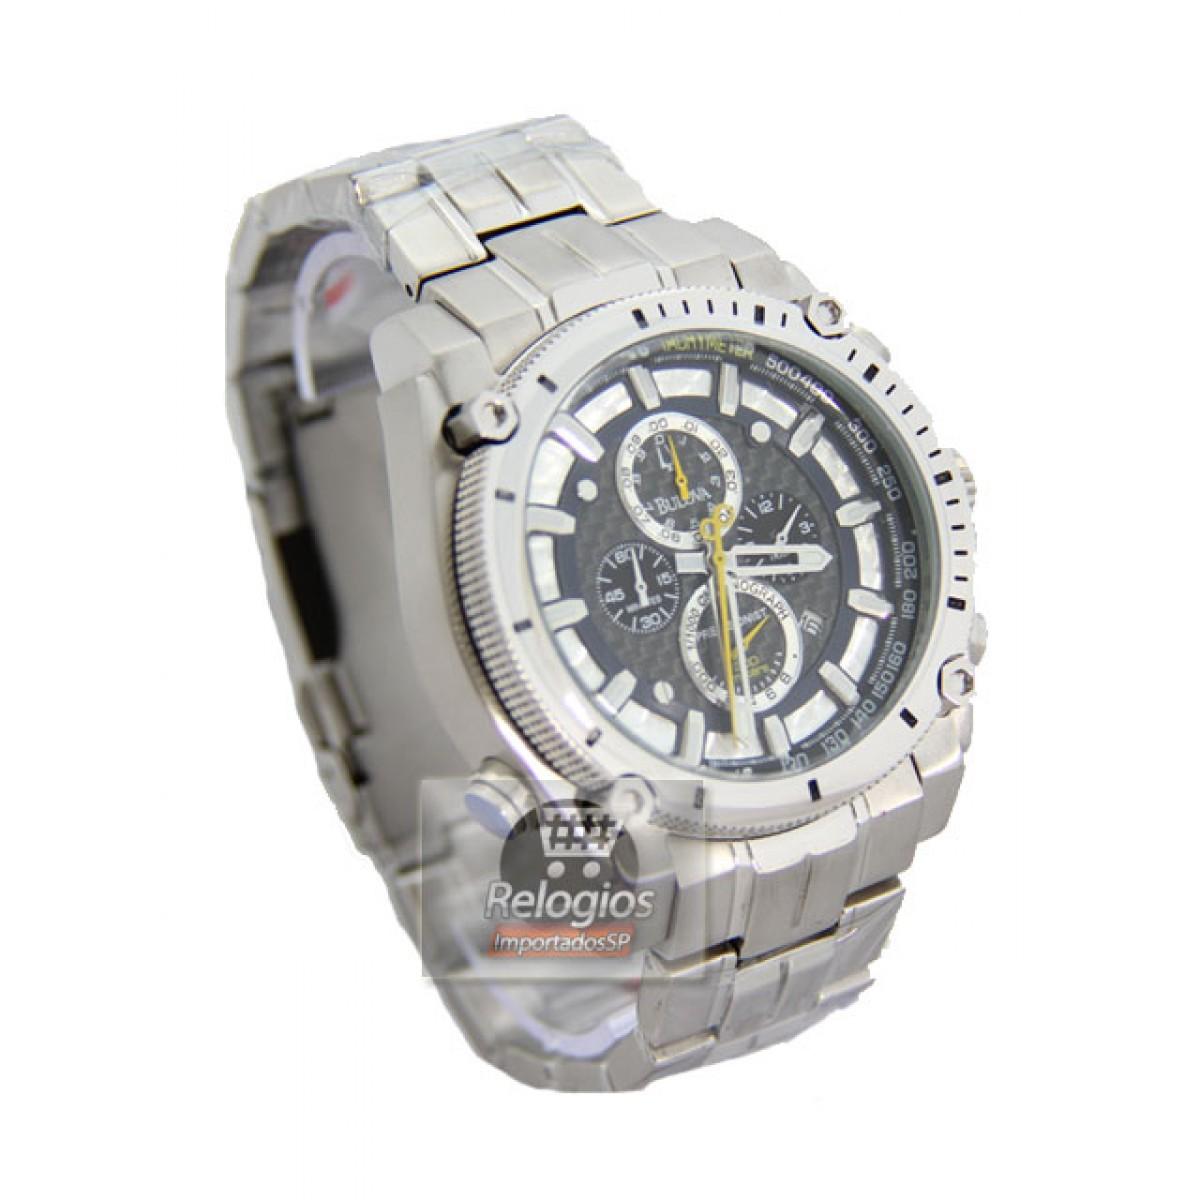 d0ab34a23e0 Relógio Réplica Bulova 96b175 Precisionist